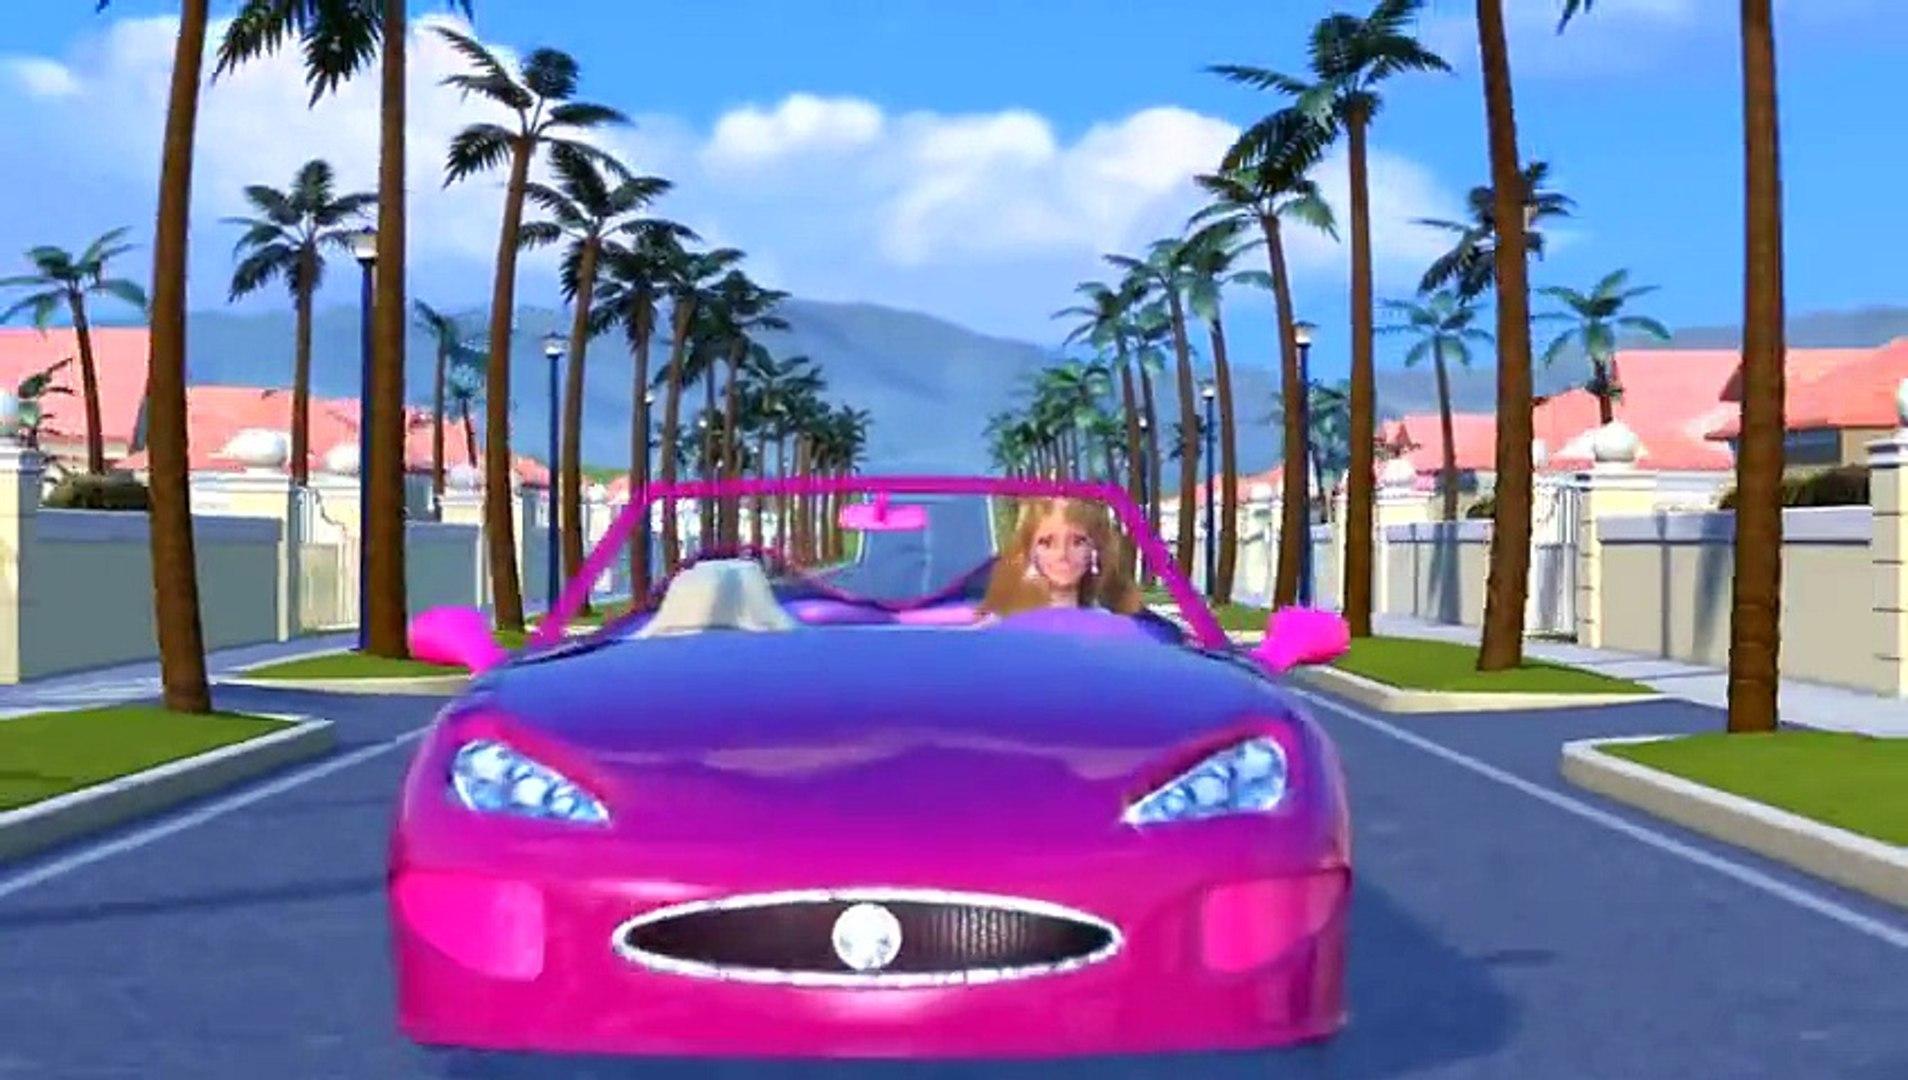 barbie izle Sonsuz Gardrop Macerası - barbie türkçe izle - Barbie izle türkçe - Barbie Yeni 2014